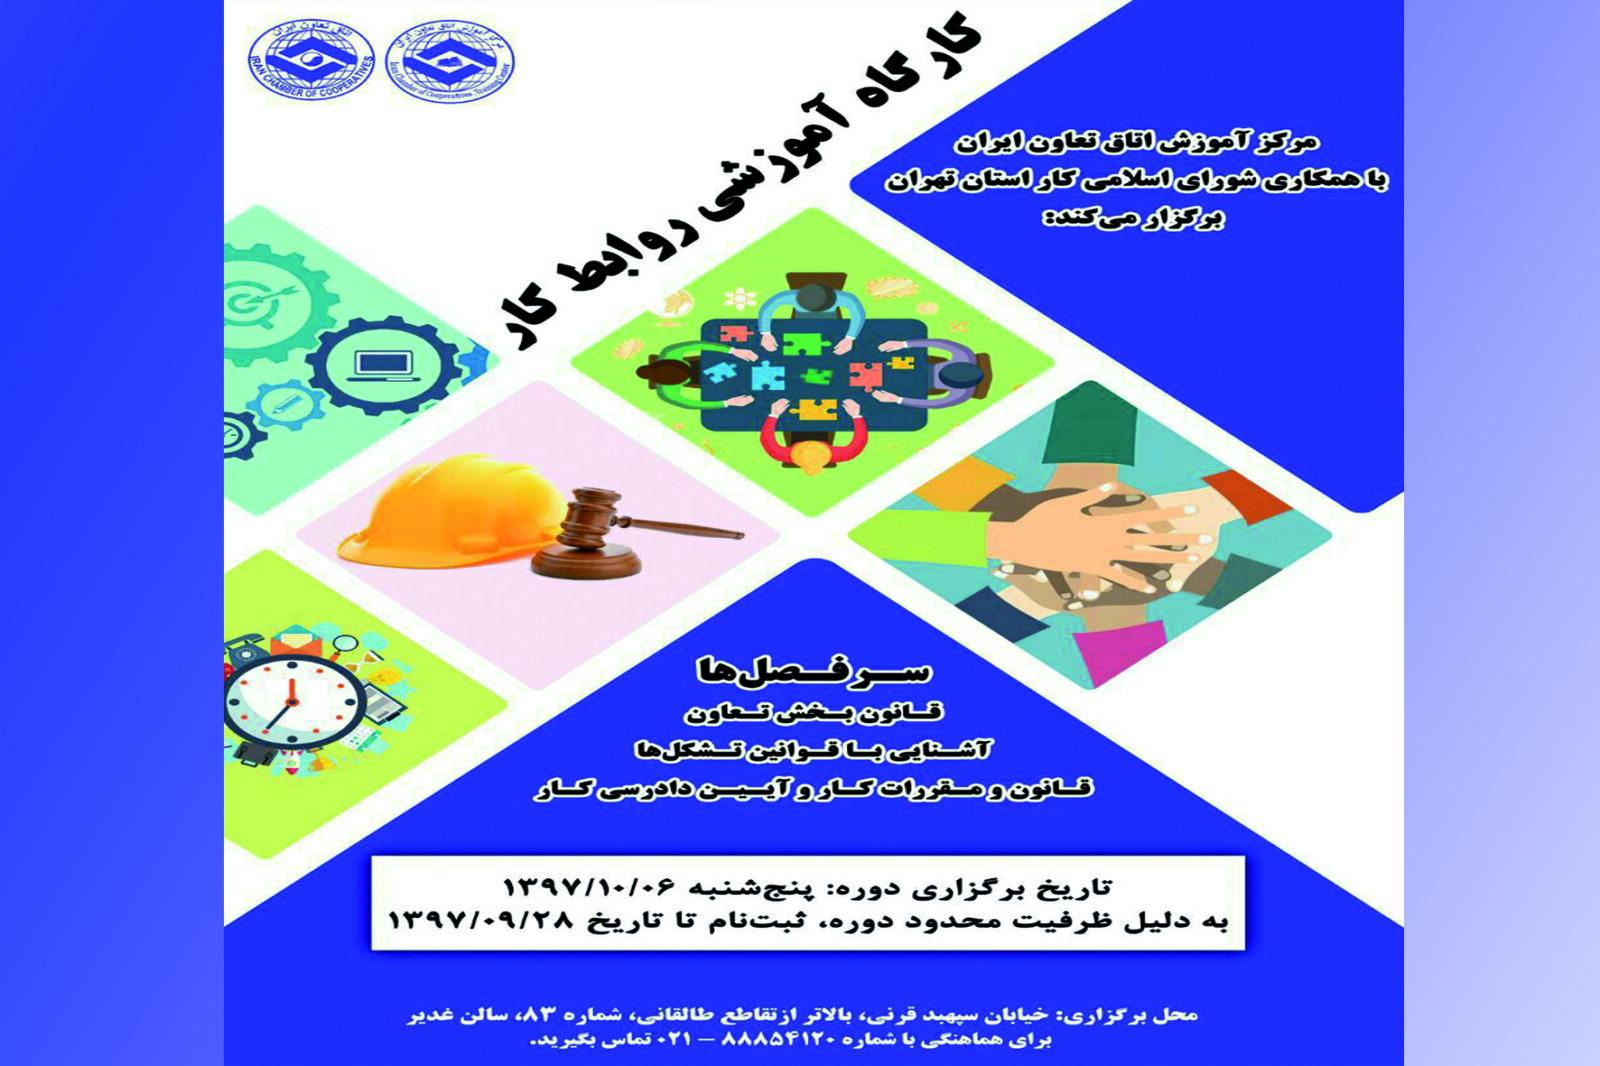 برگزاری کارگاه آموزشی «روابط کار» در اتاق تعاون ایران